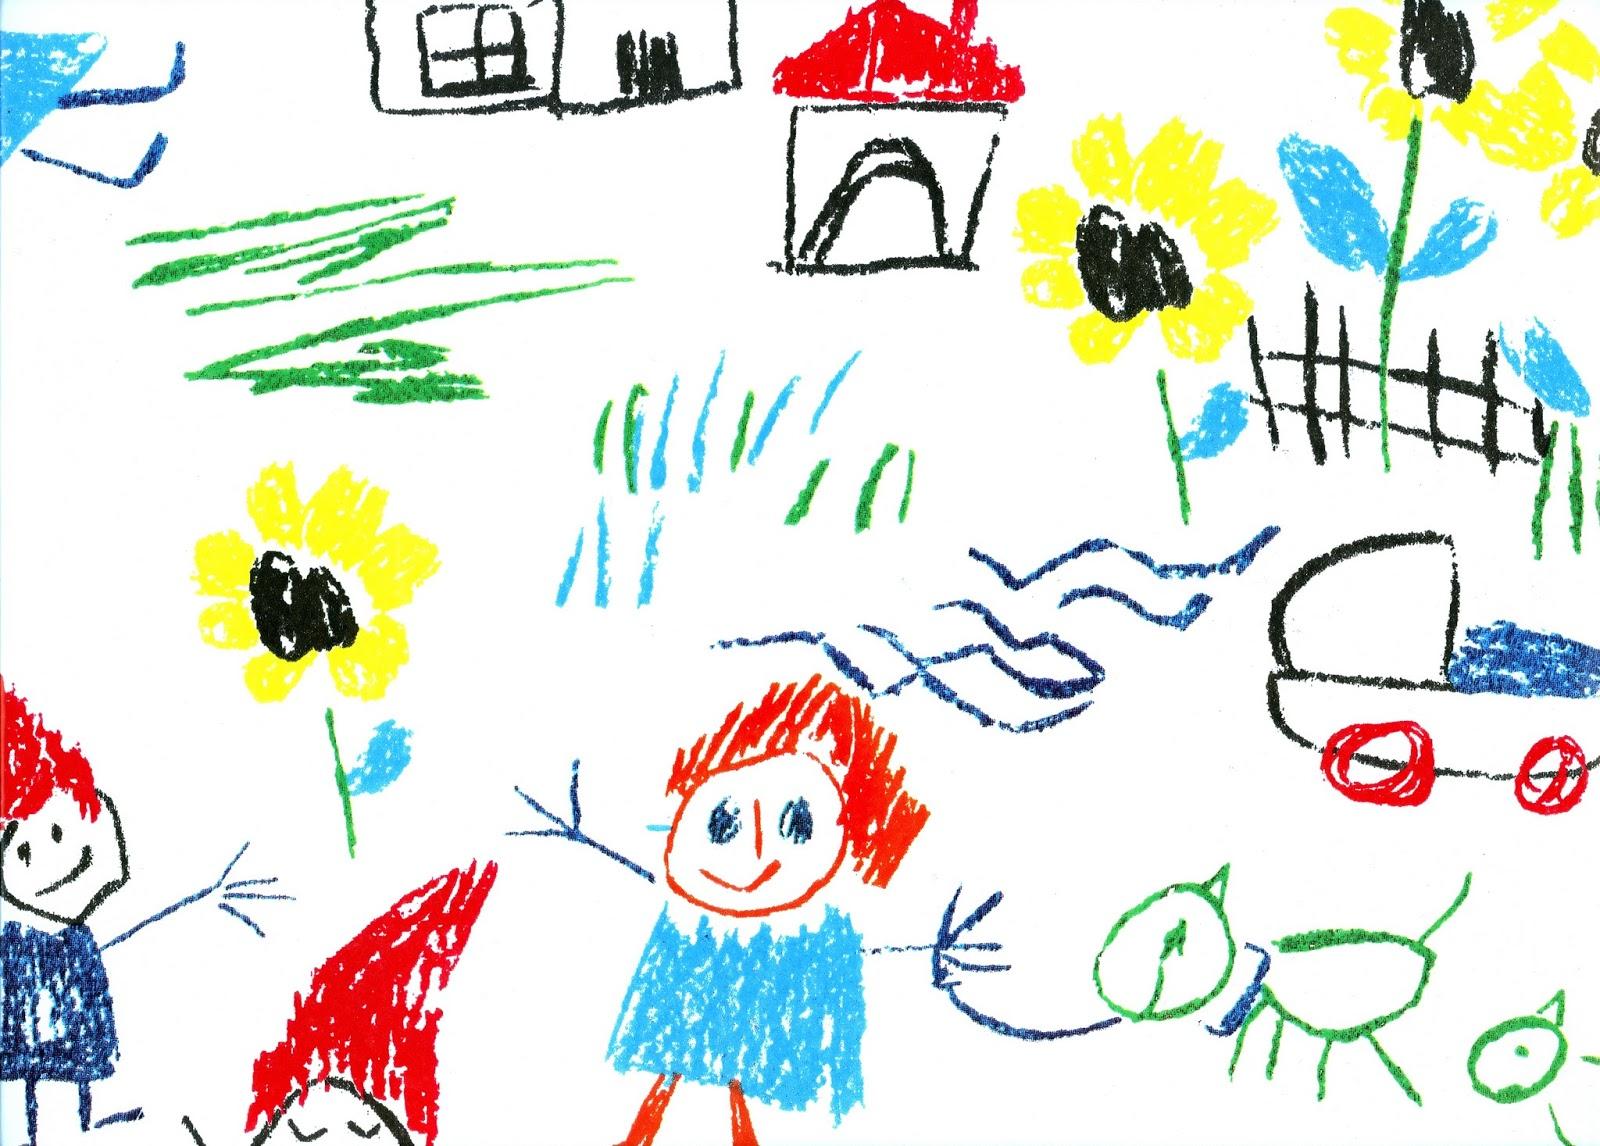 О детских садах в Германии Жизнь в Германии Русский взгляд  Детские сады в Германии сильно отличаются от тех с которыми мы знакомы на постсоветском пространстве Во первых официальный возраст с которого берут в